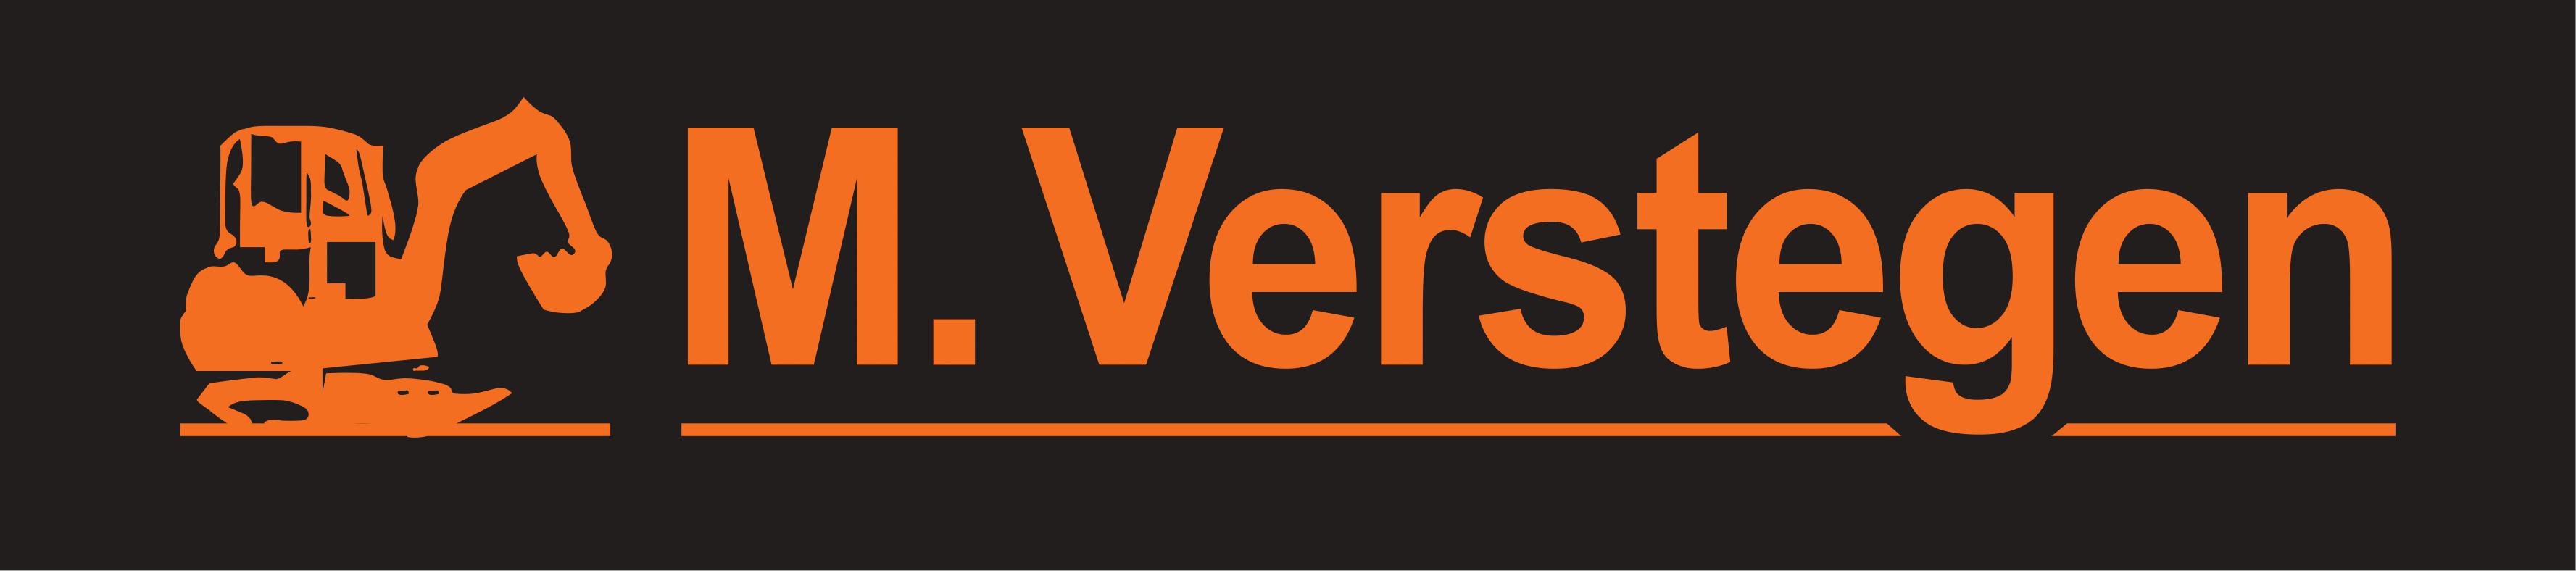 logo Verstegen-1